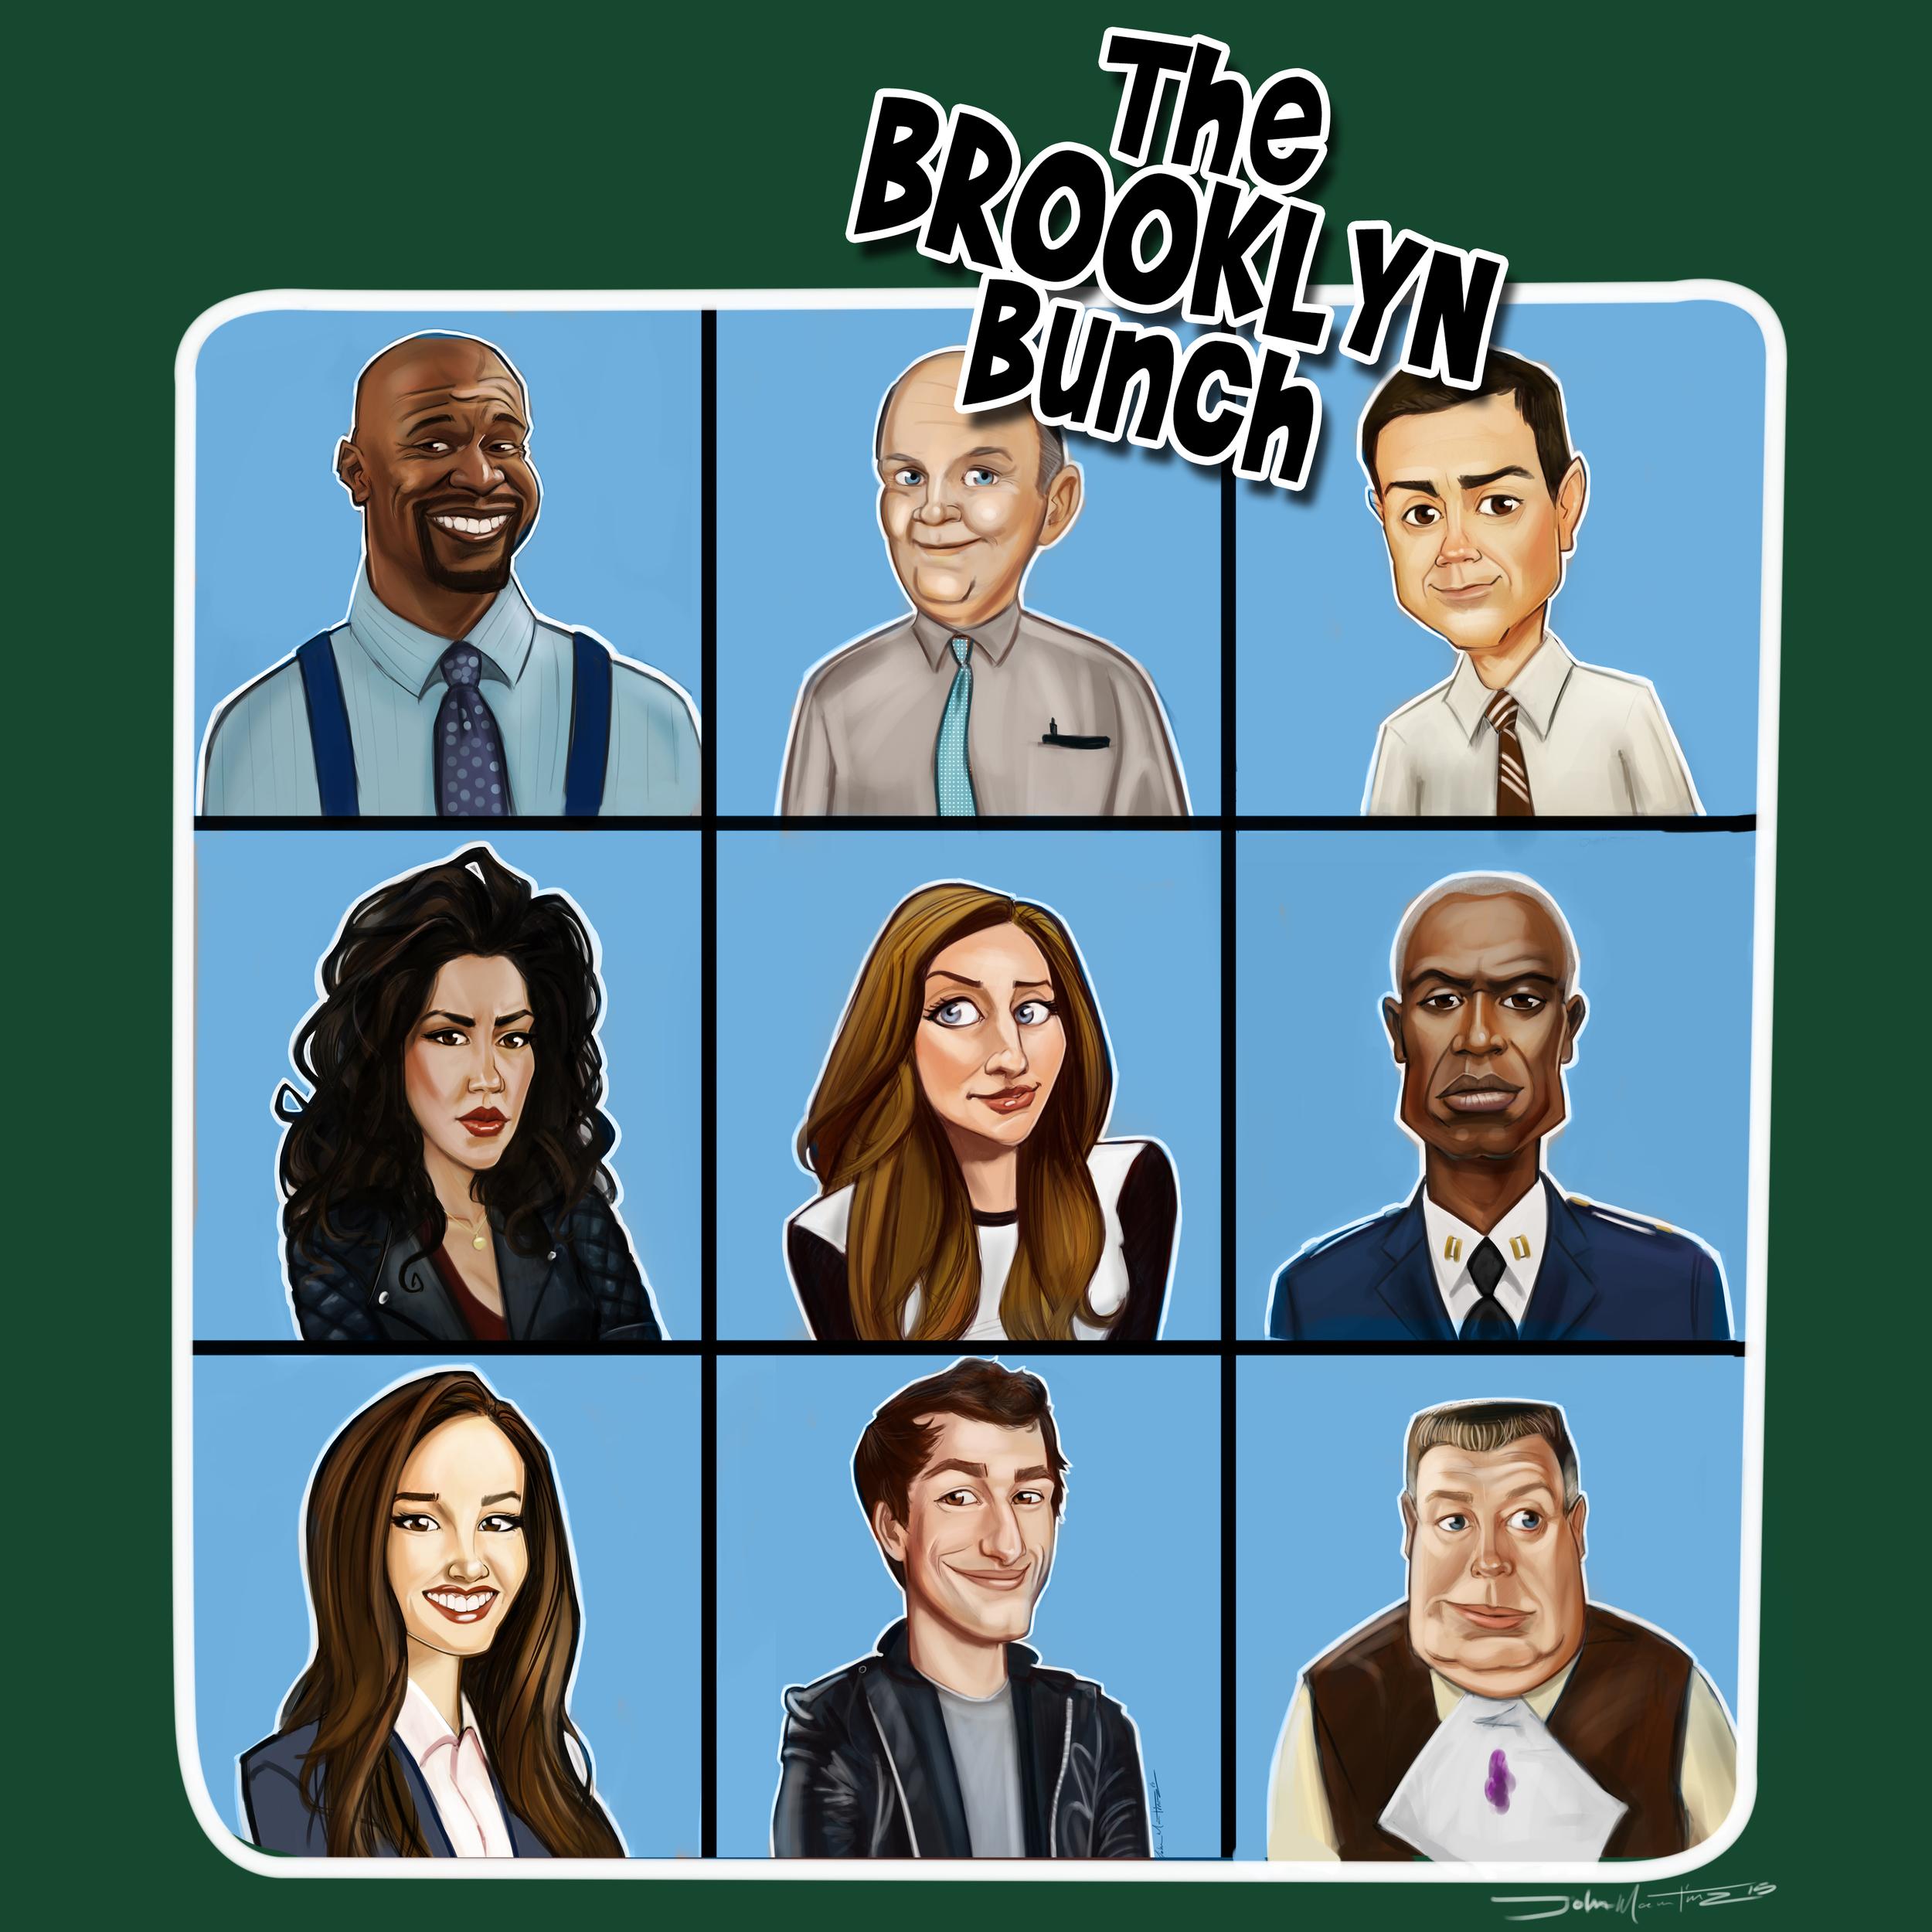 The Brooklyn Bunch